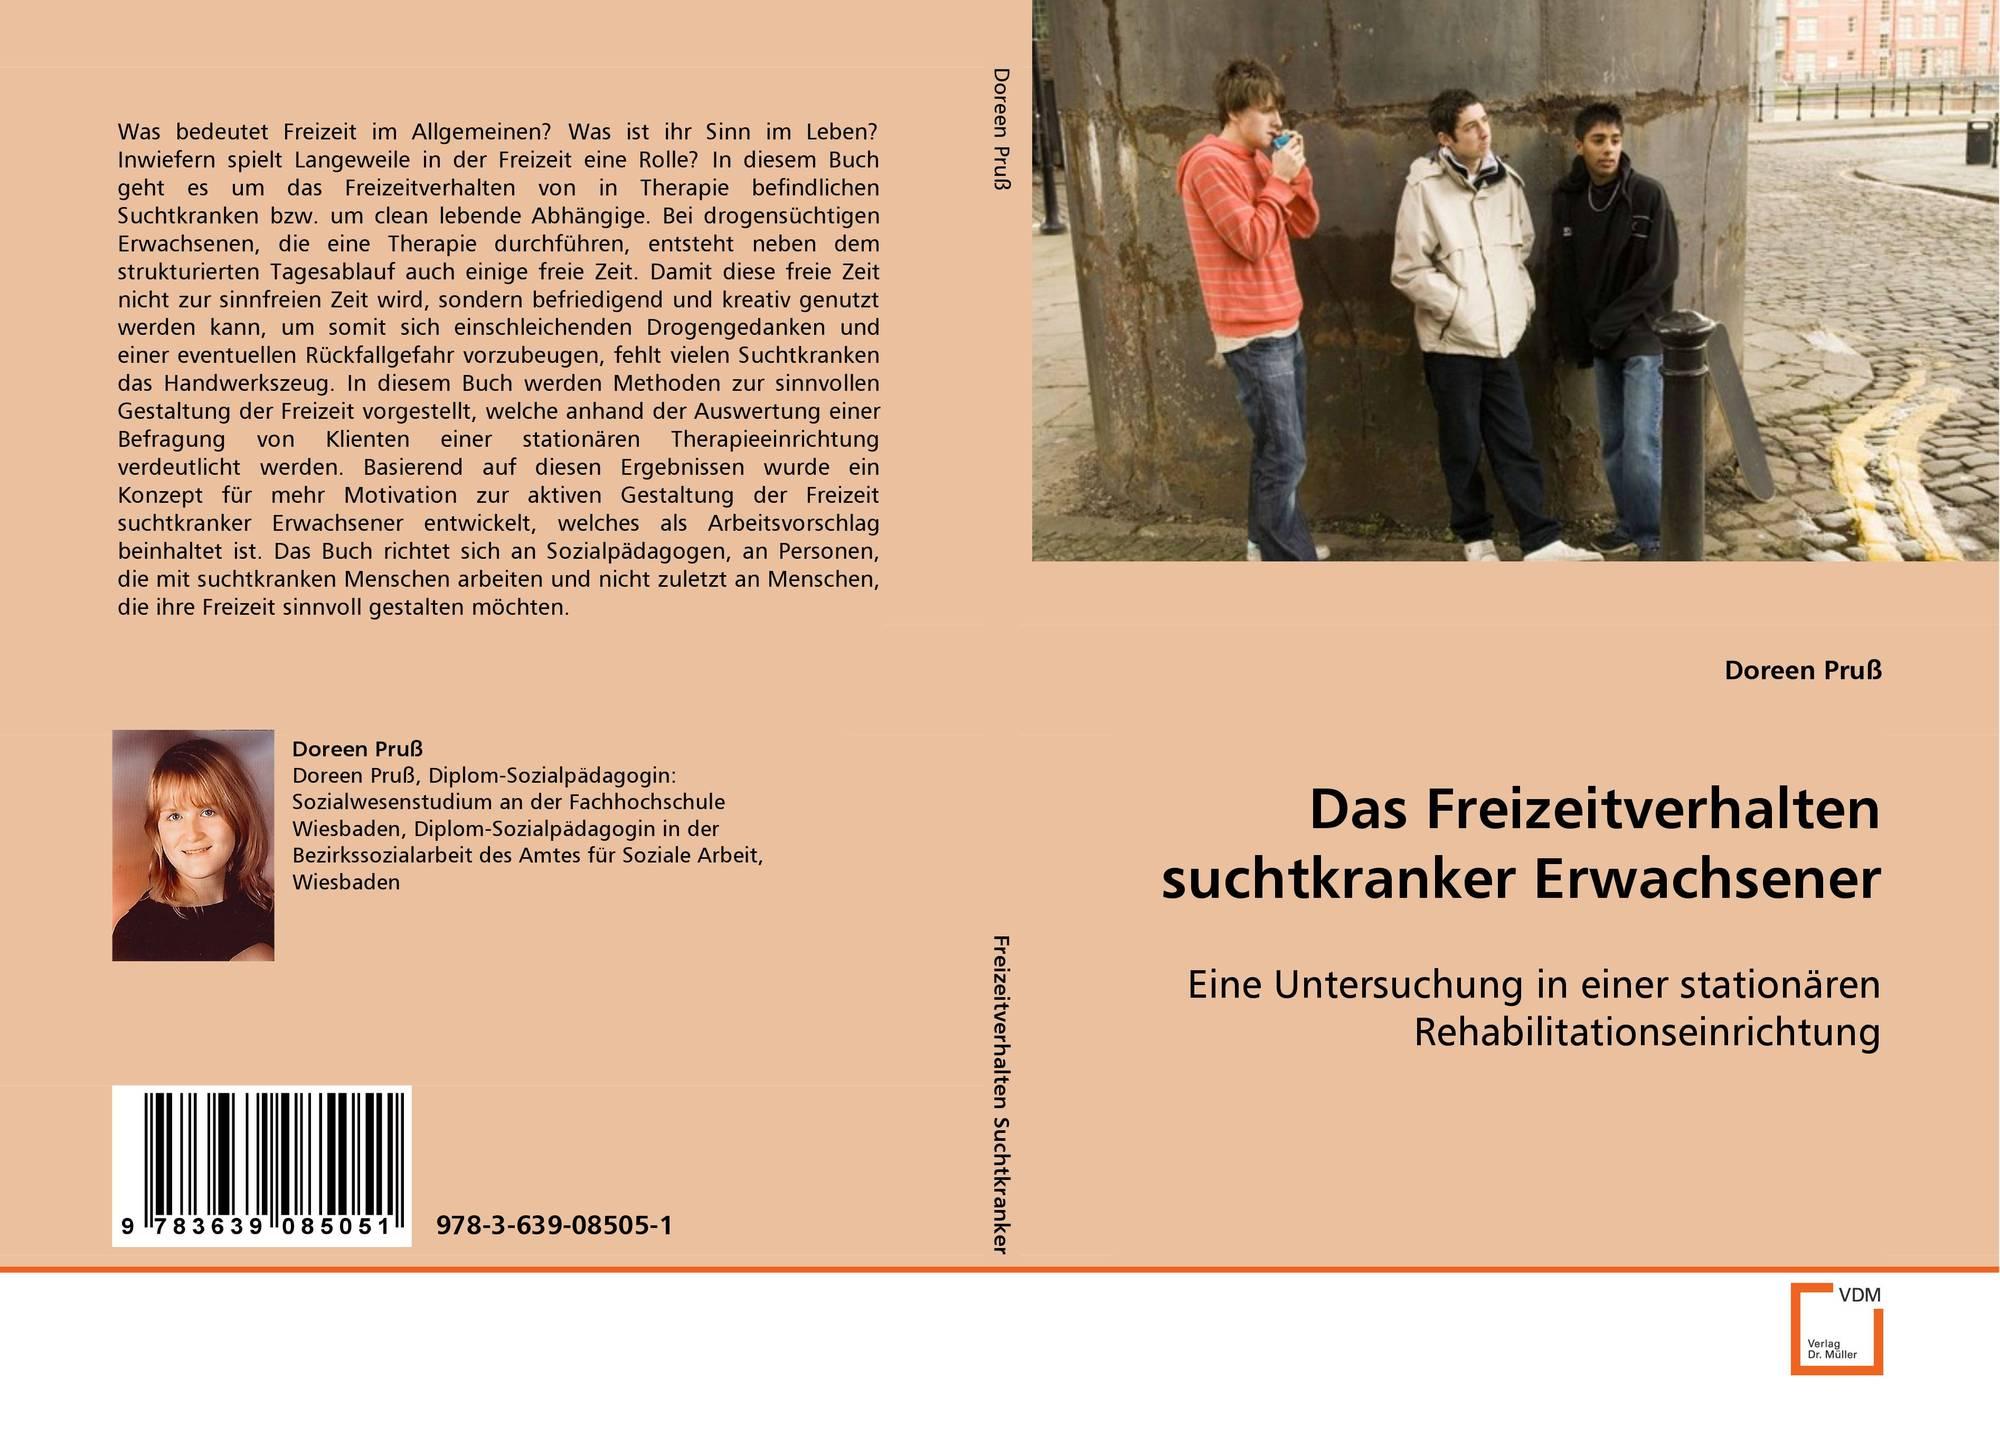 Das Freizeitverhalten suchtkranker Erwachsener, 978-3-639-08505-1 ...